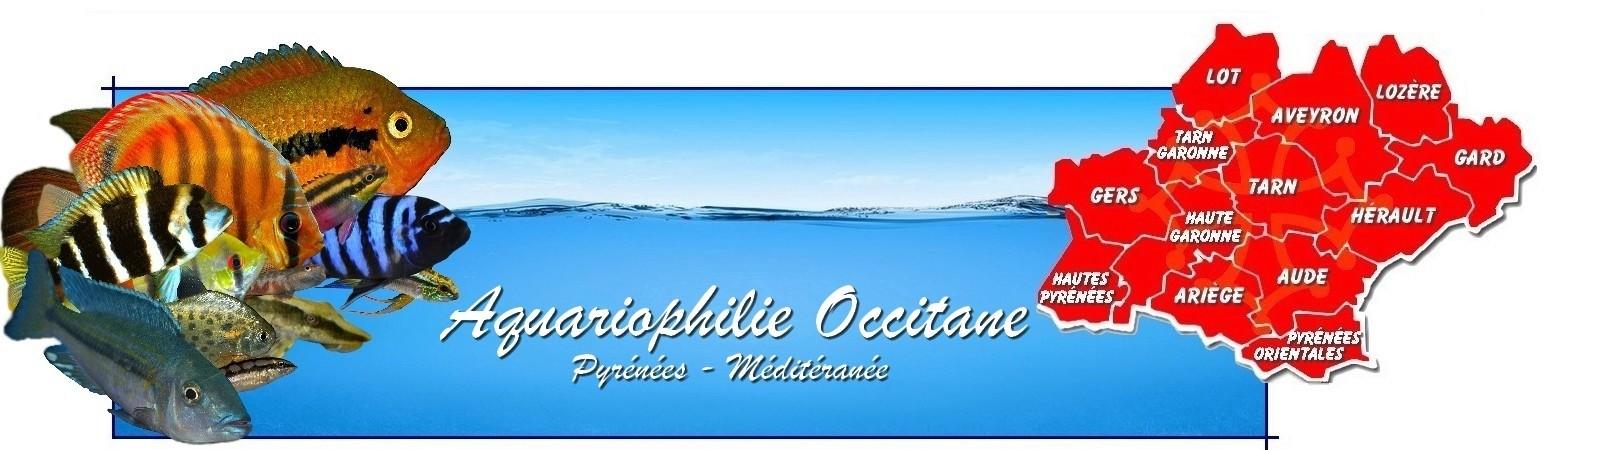 Aquariophilie Occitane